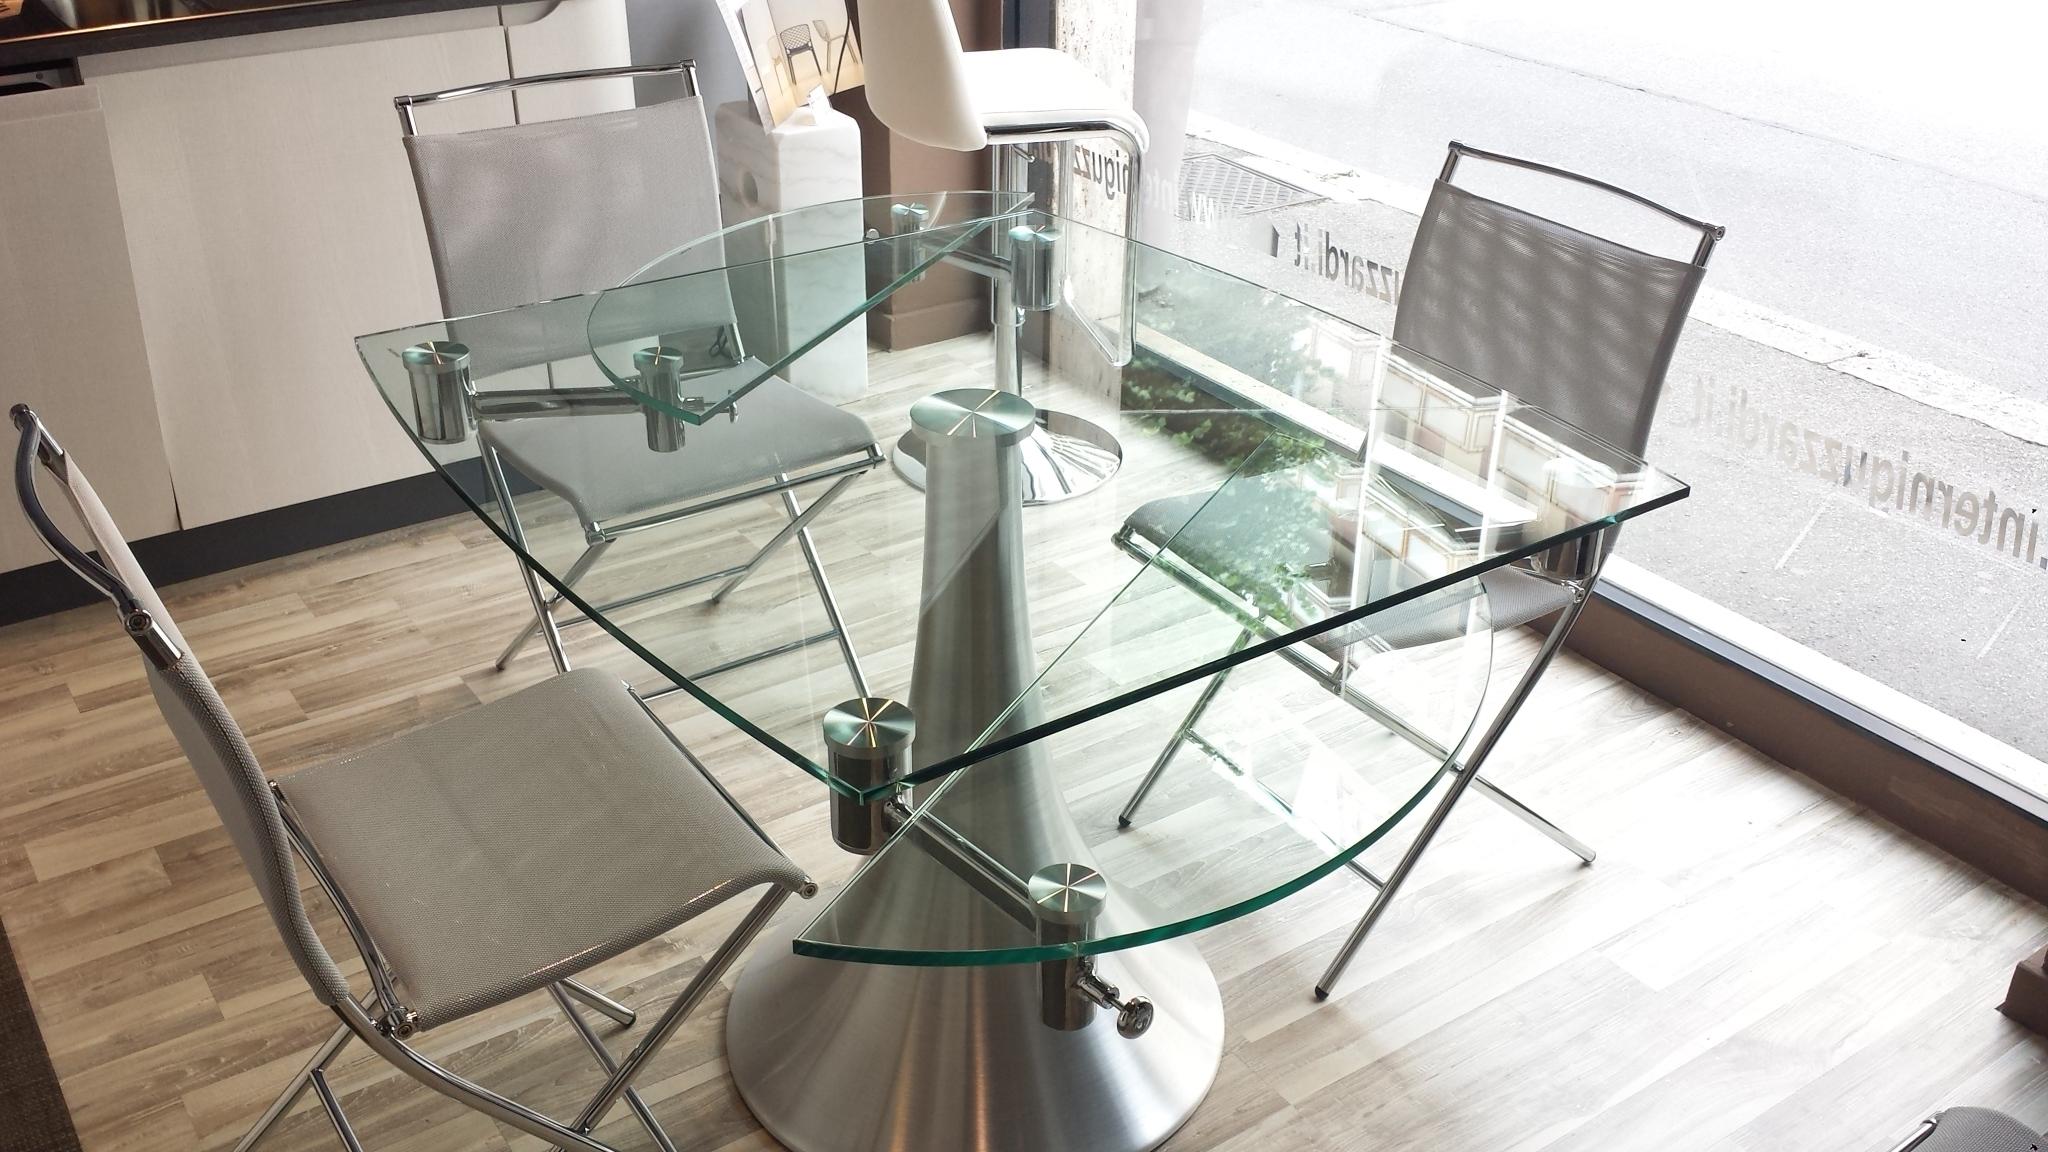 Tavolo flute allungabile vetro tavoli a prezzi scontati for Tavoli allungabili calligaris cristallo